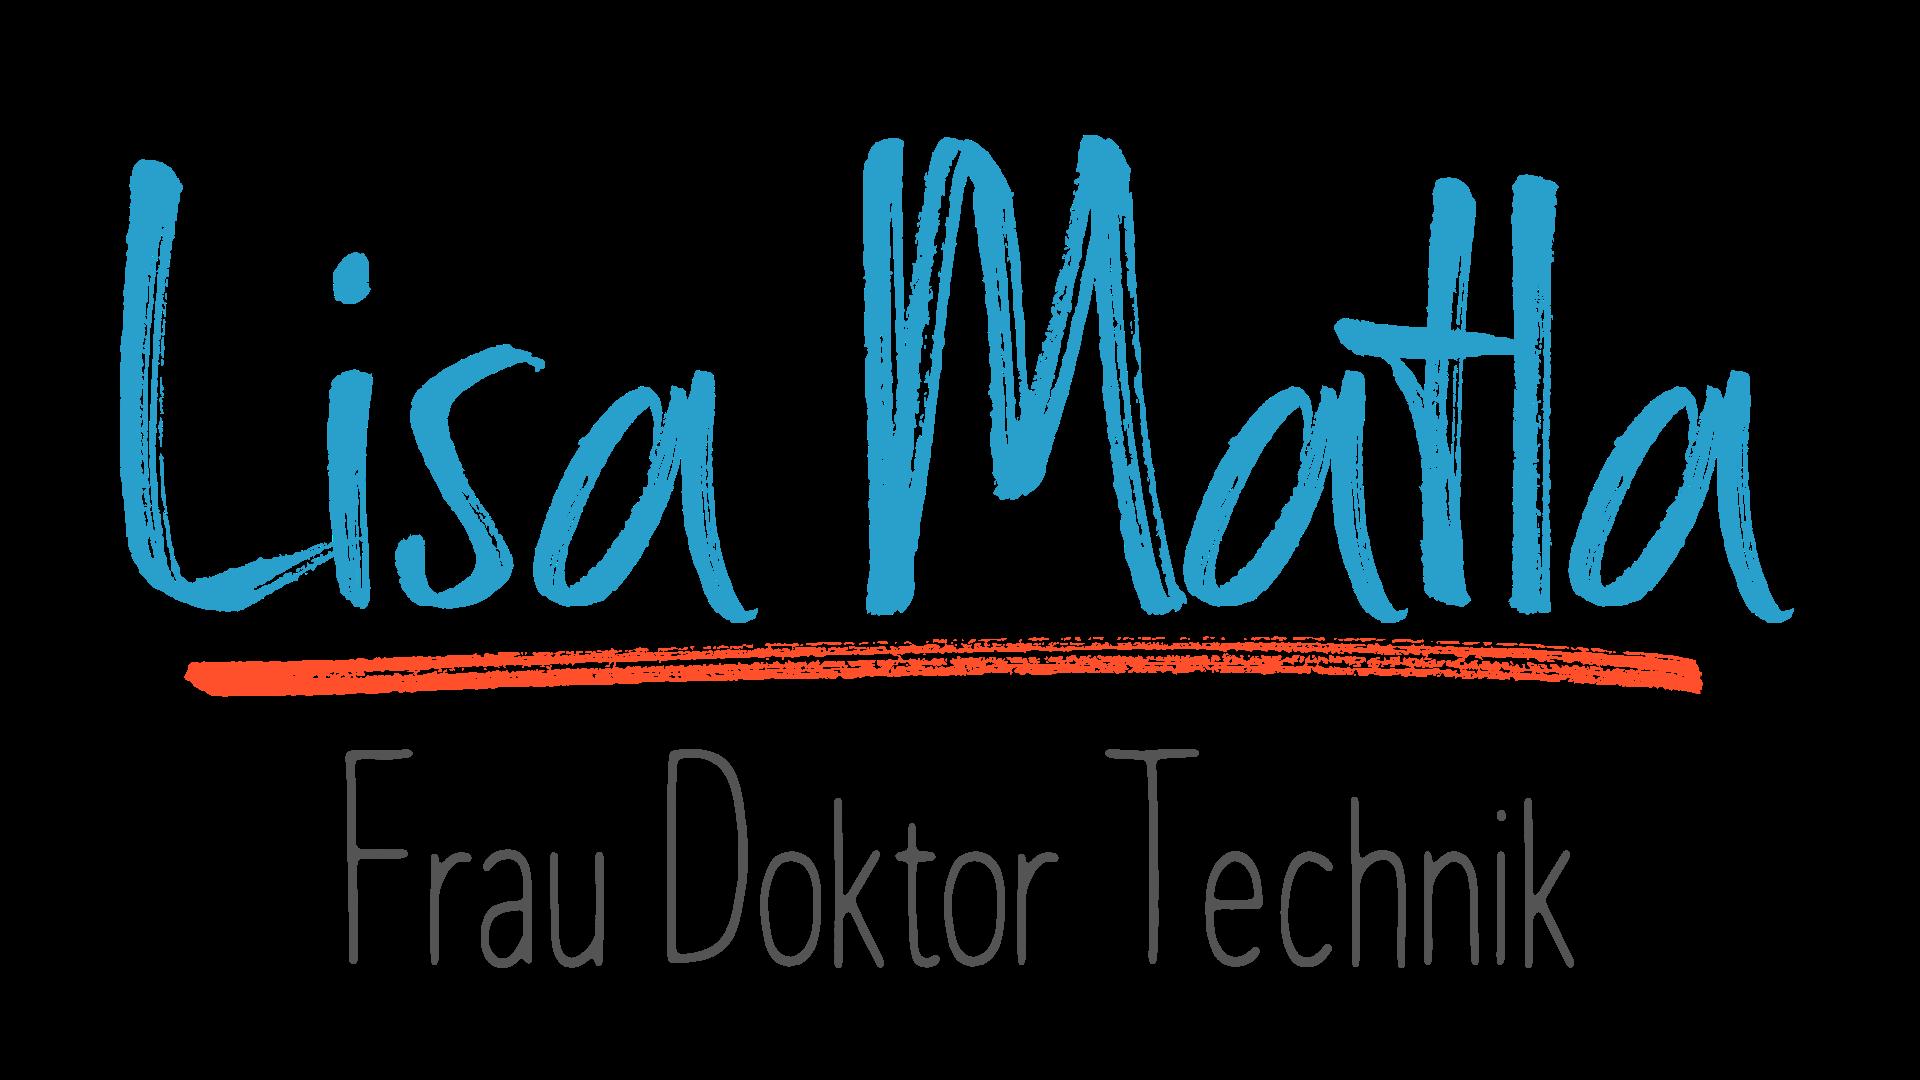 Lisa Matla - Frau Doktor Technik